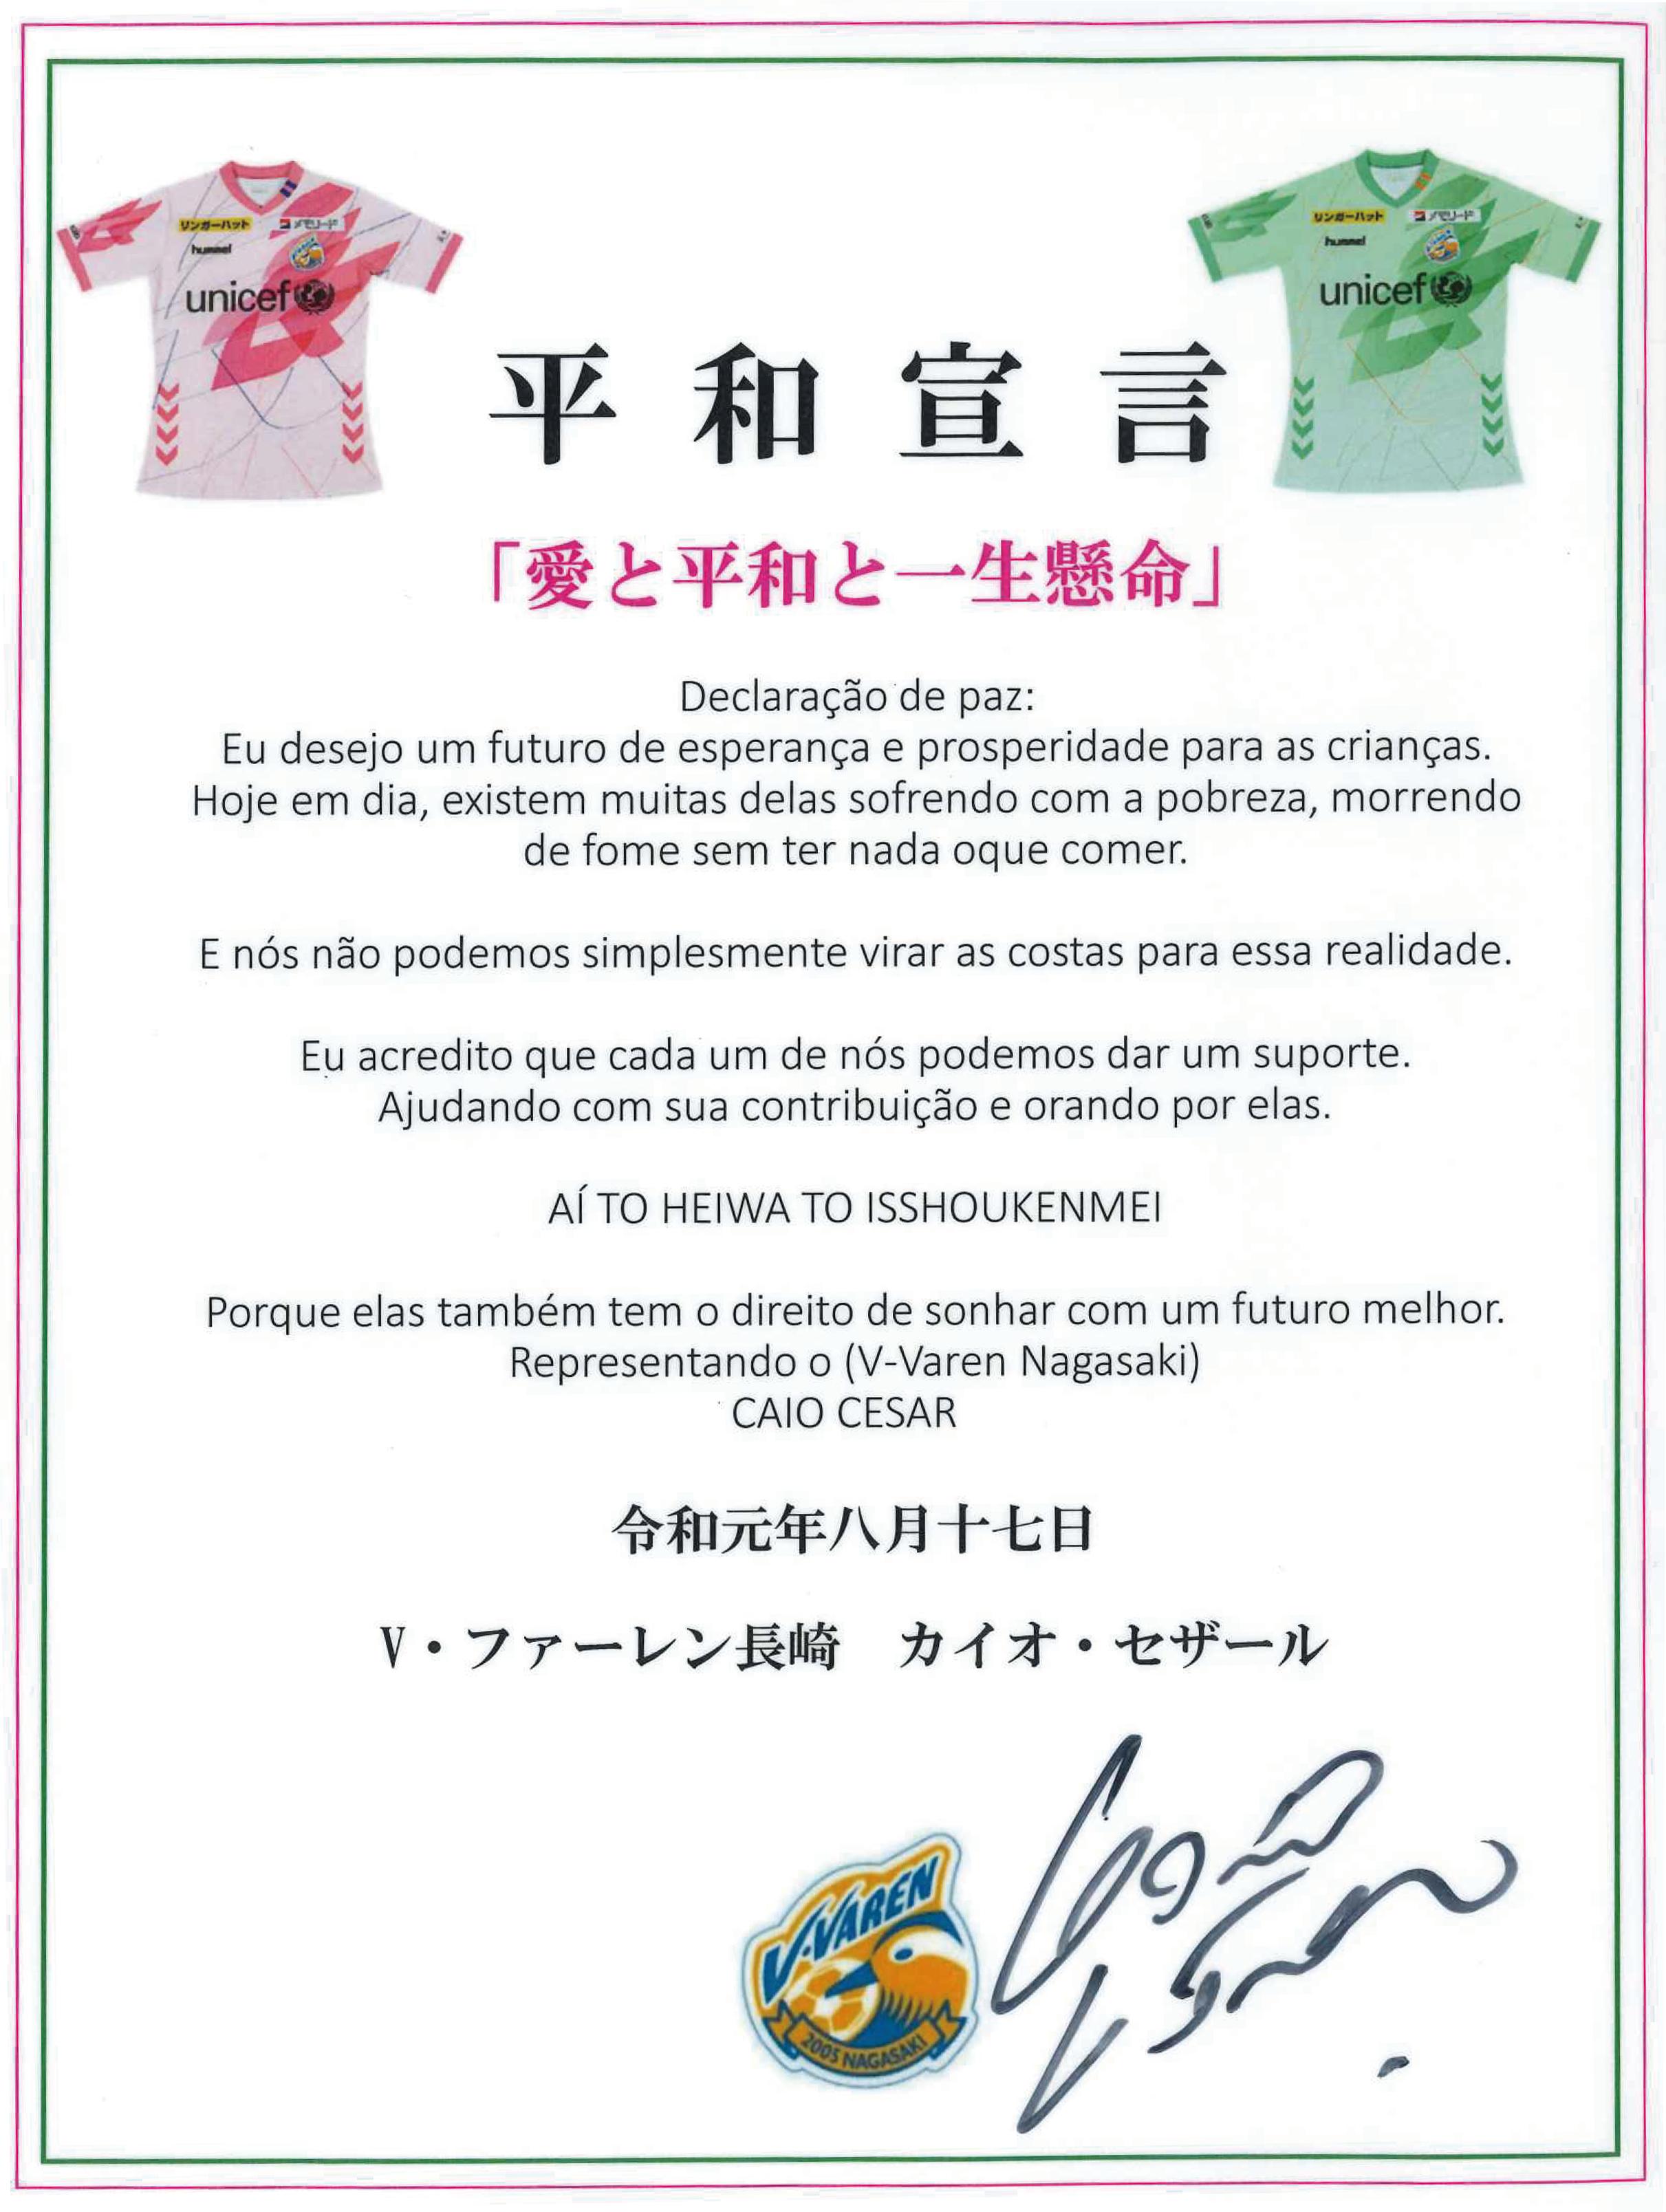 カイオ セザール選手による平和宣言